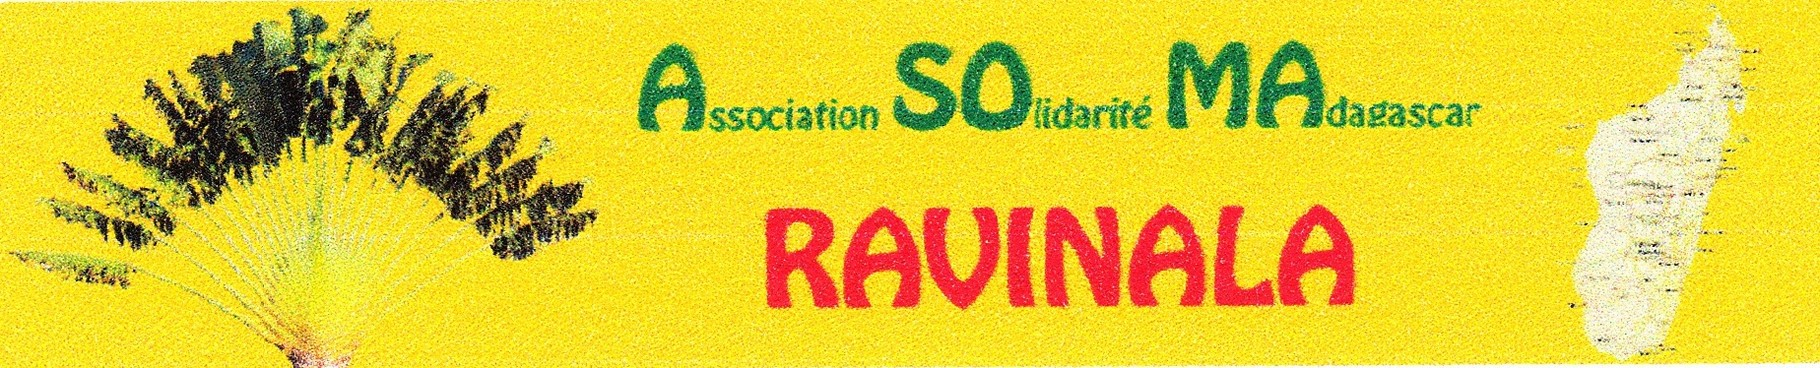 Association (7)